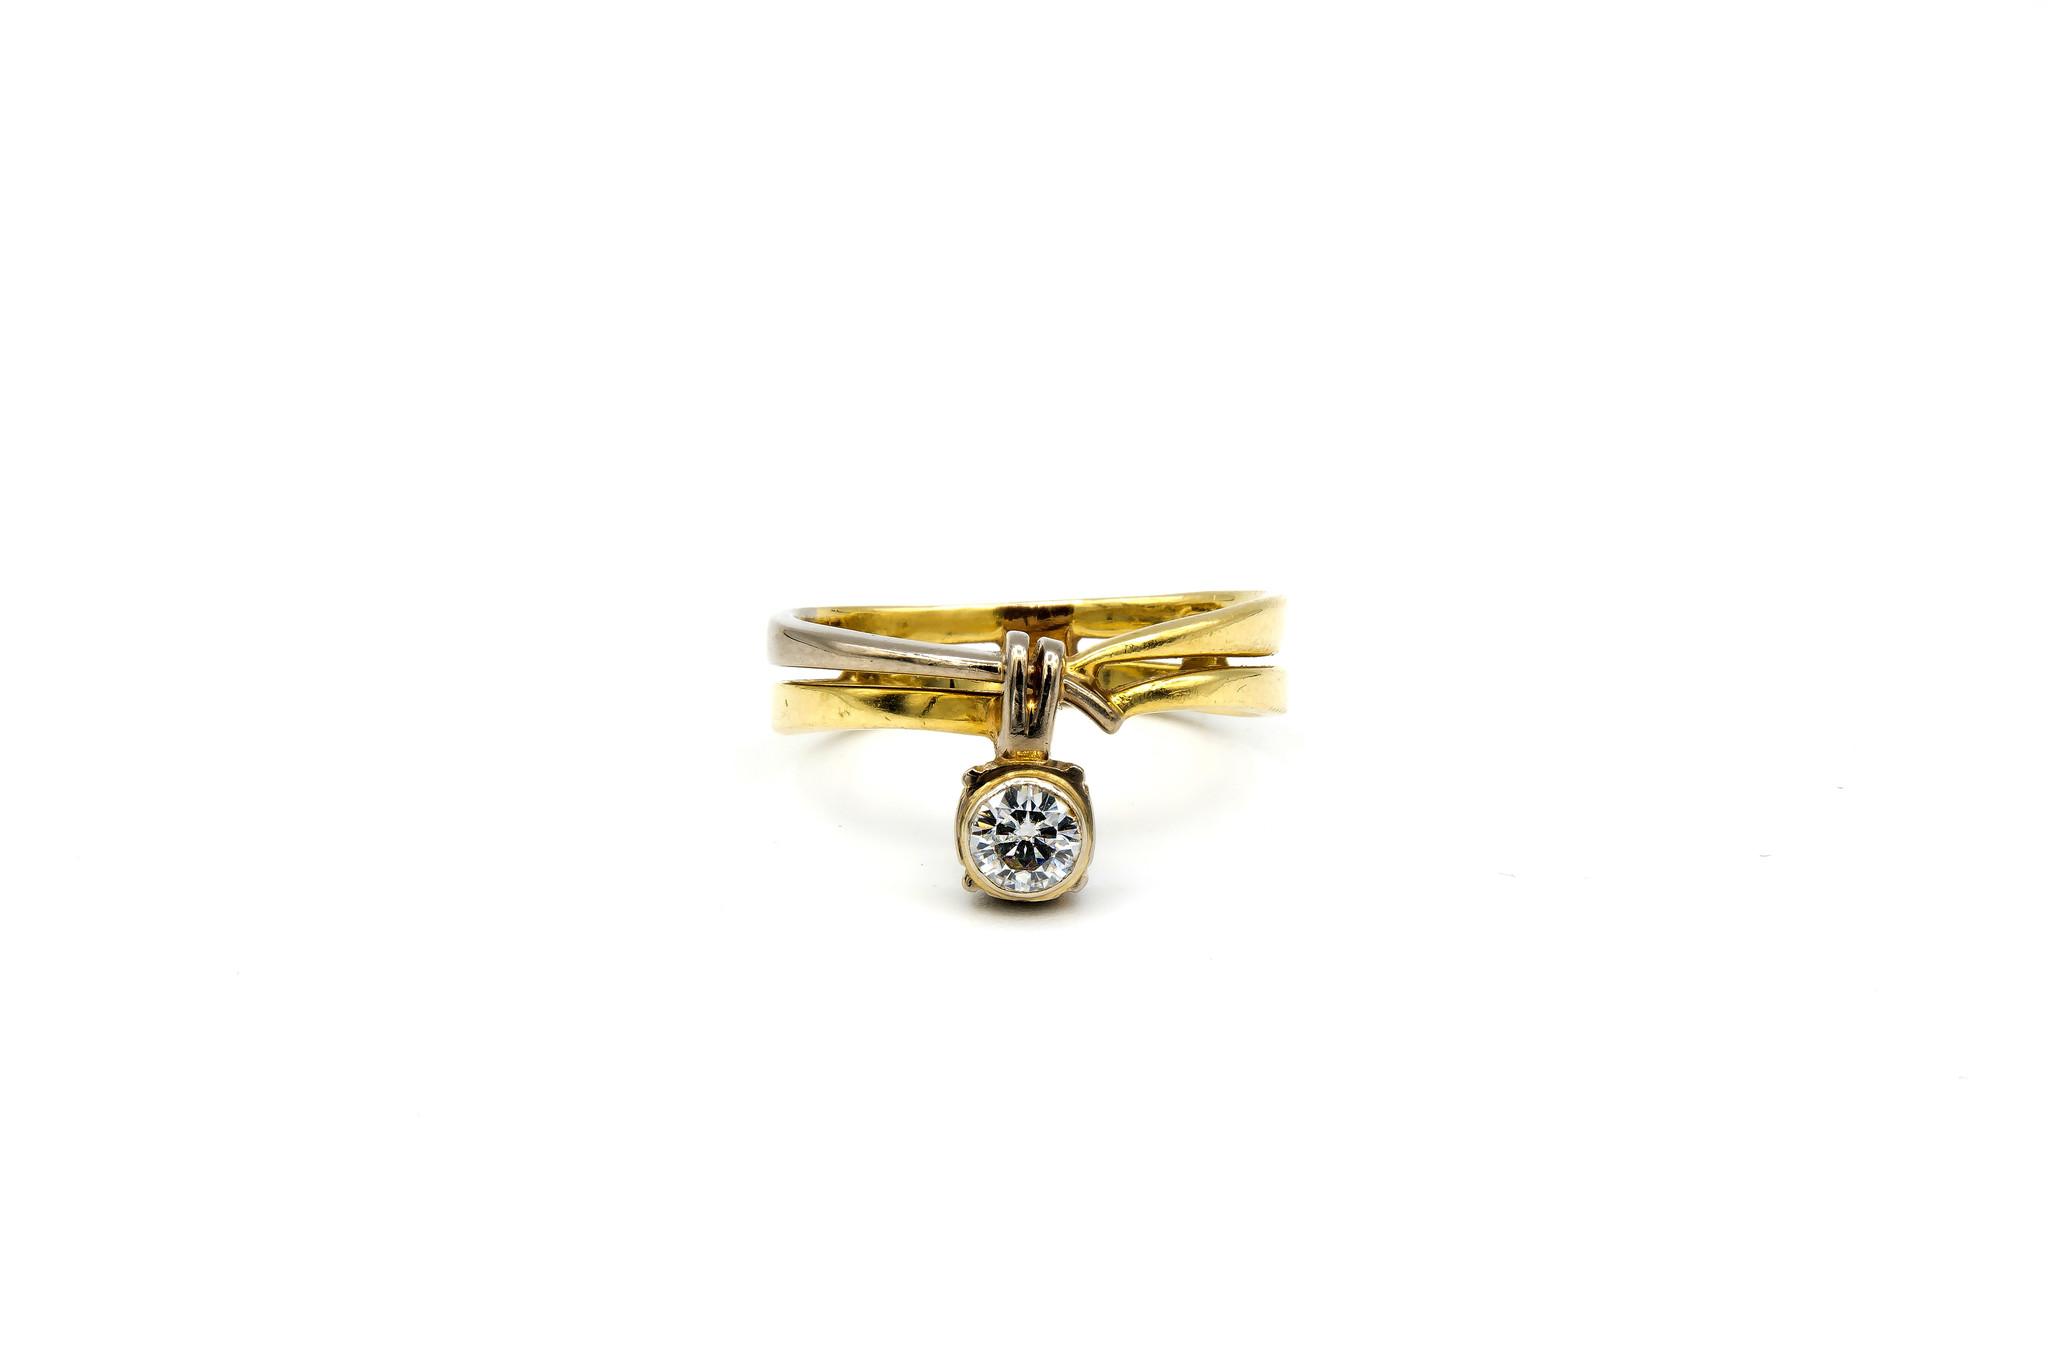 Ring verlovingsring bicolor dubbele rand met zirkonia aan de zijkant bicolor-1